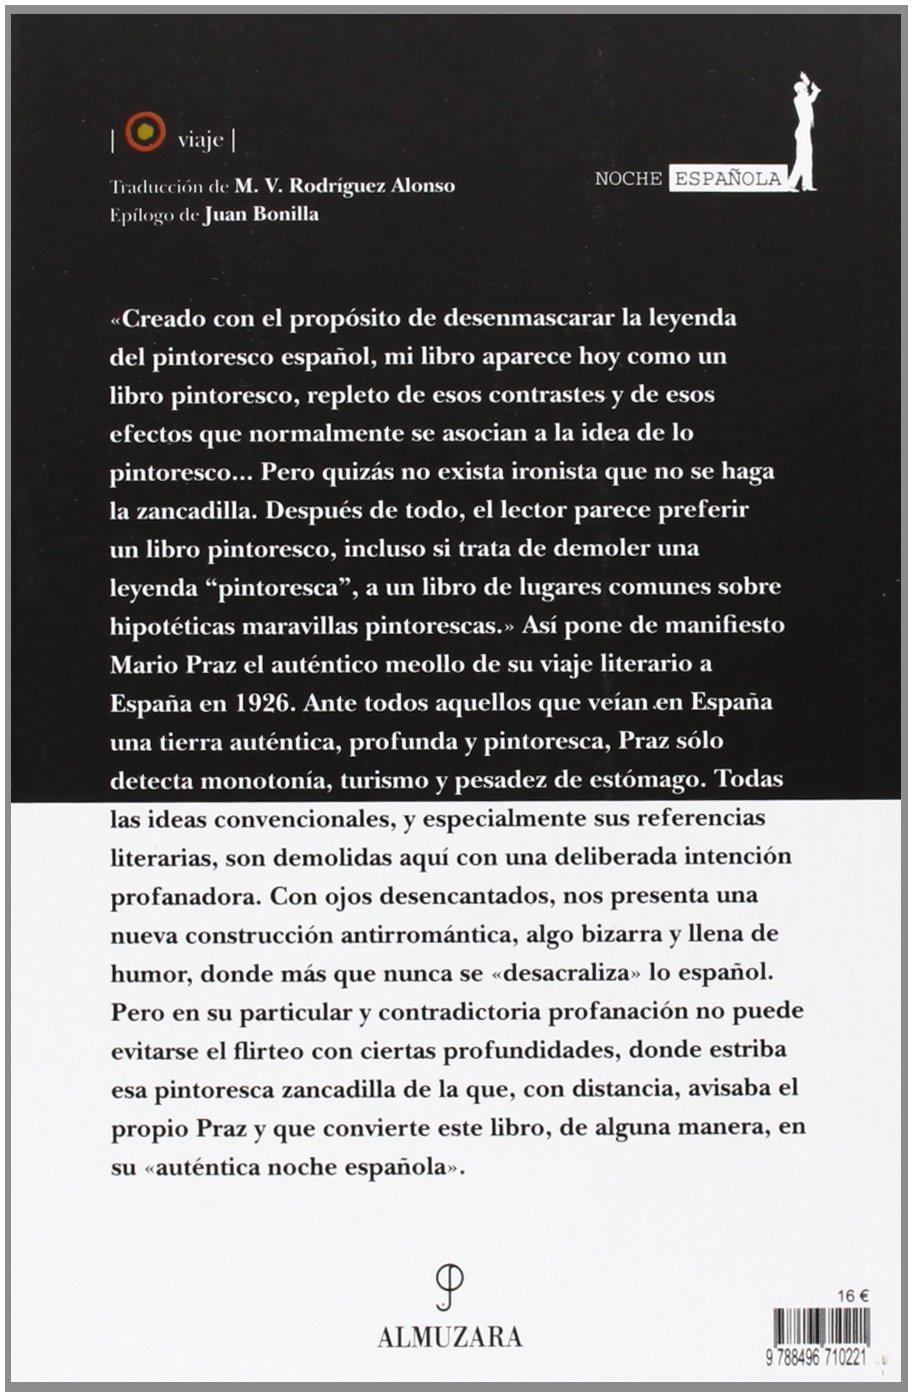 Libros clásicos de geografía y viajes (índice en el primer post) - Página 2 71C9CnjGjOL